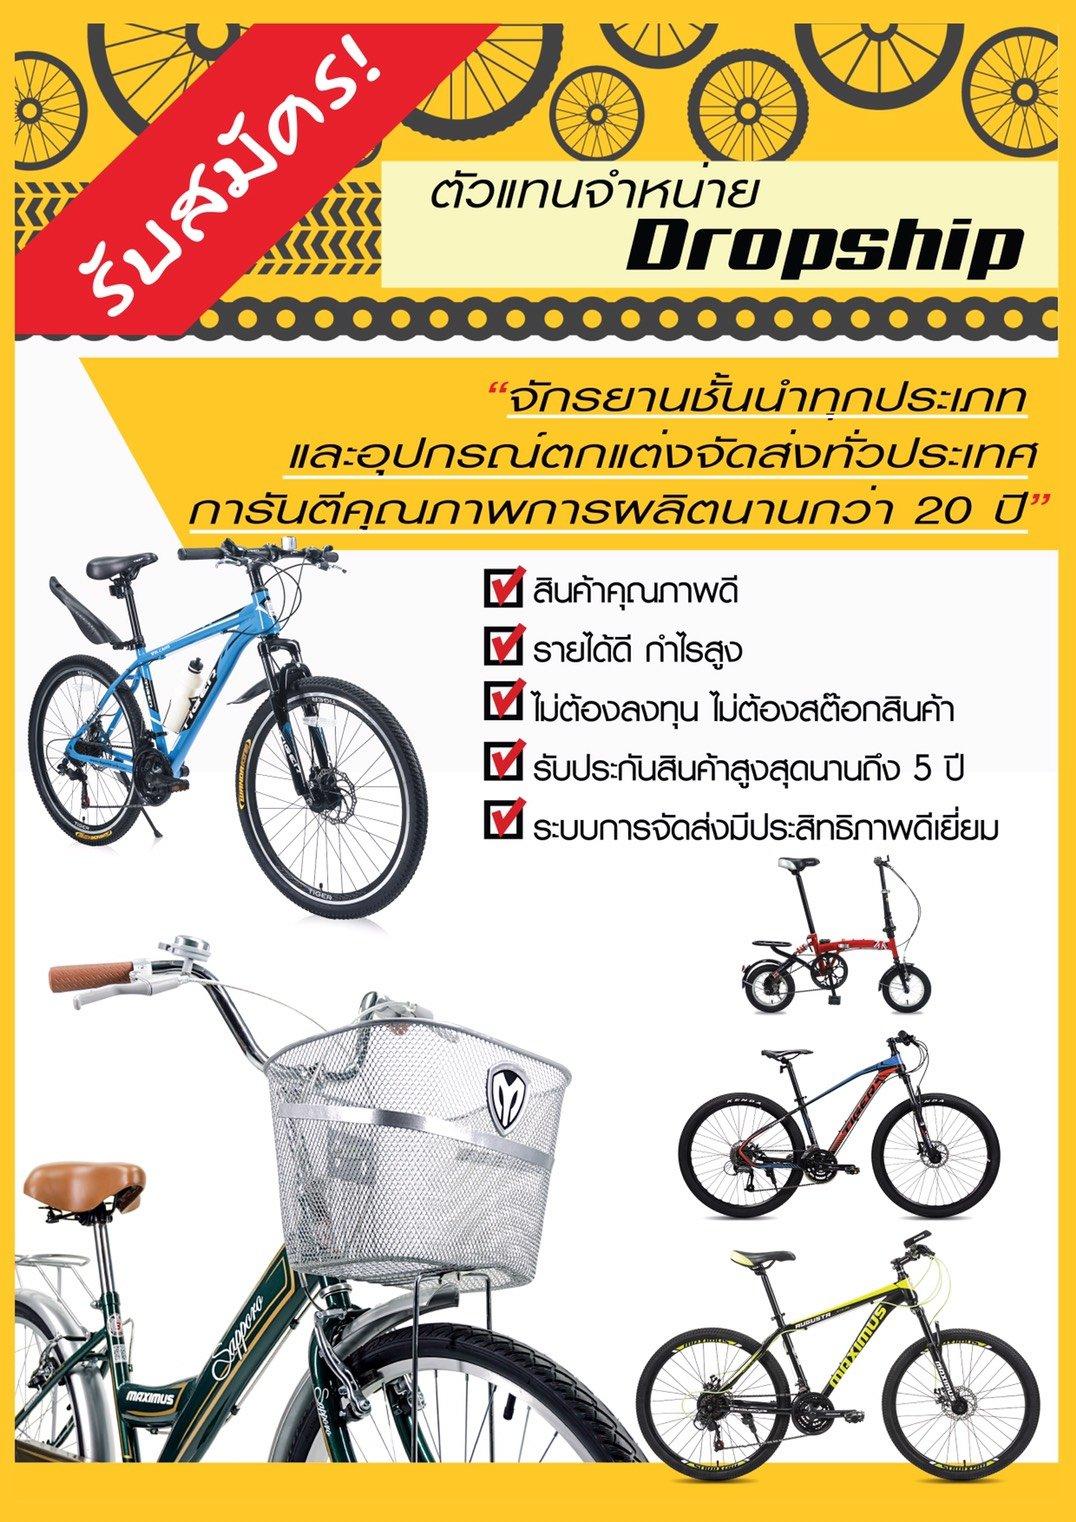 ***รับสมัครตัวแทนจำหน่ายจักรยานและอุปกรณ์ ไม่ต้องสต้อก สมัครฟรี 2 -